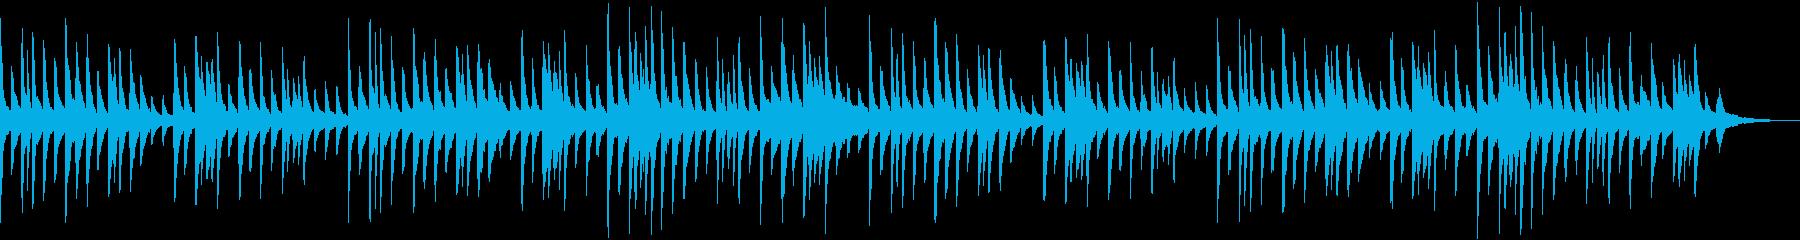 威風堂々第1番【しっとりピアノ版】の再生済みの波形